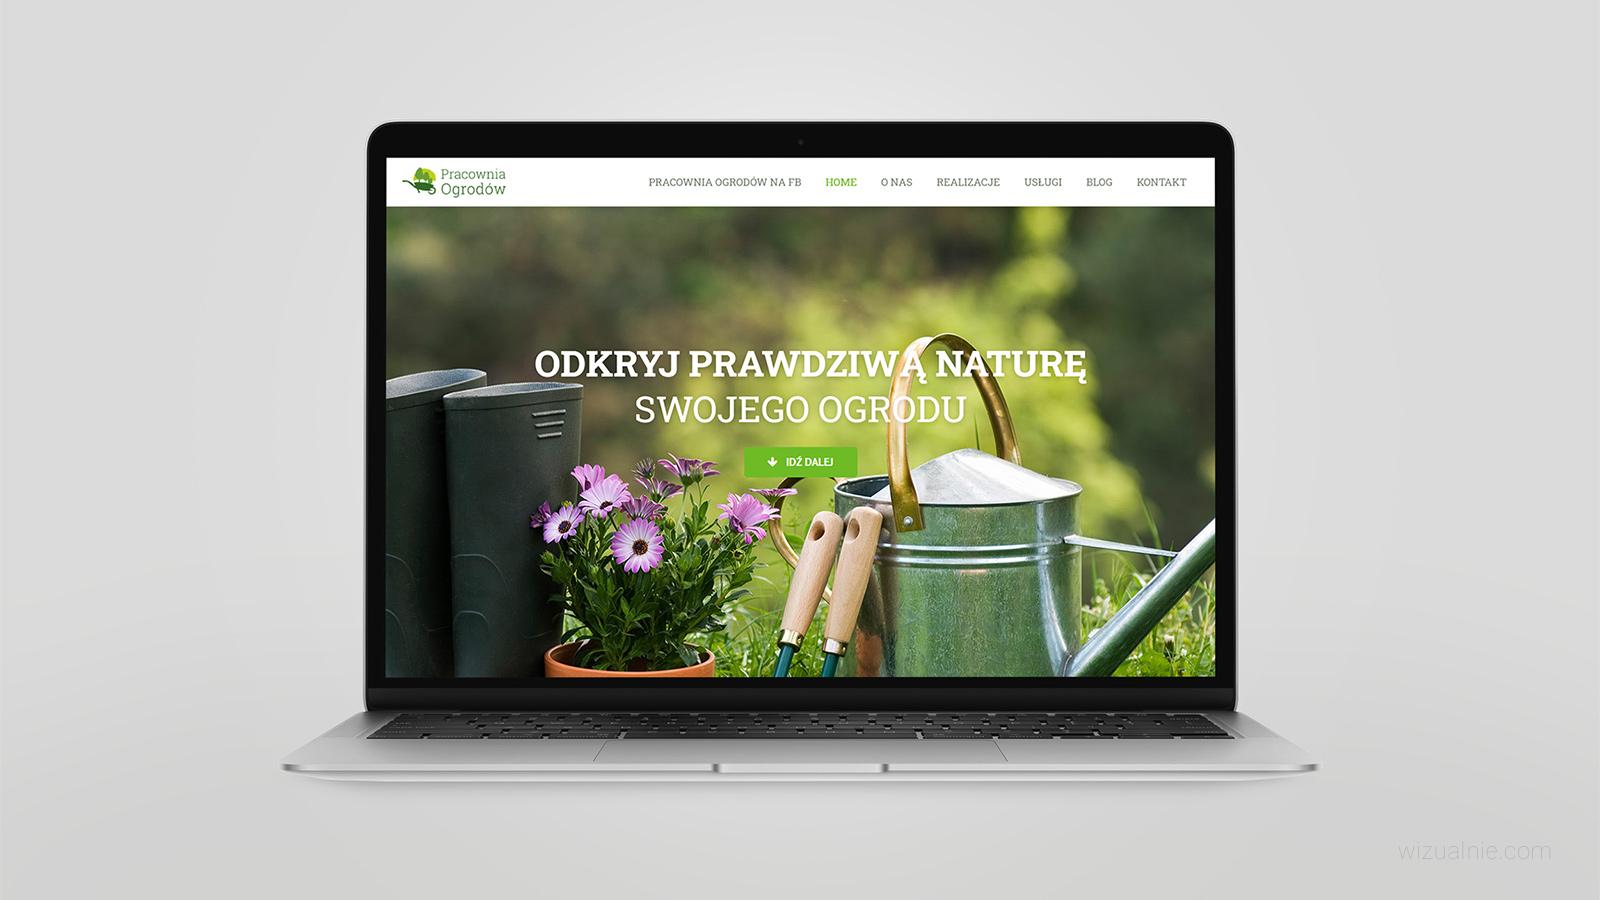 wizualnie-portfolio-pracowniaogrodow-web